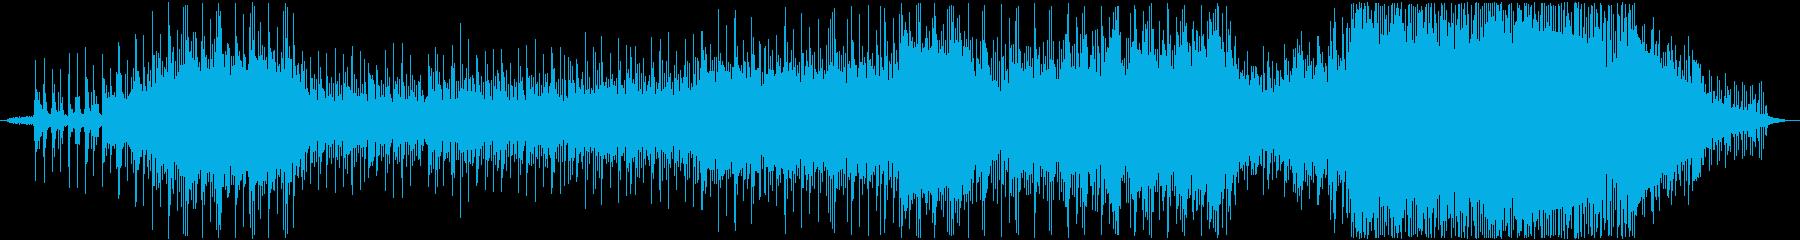 冬と春の儚い和テイストバラードの再生済みの波形